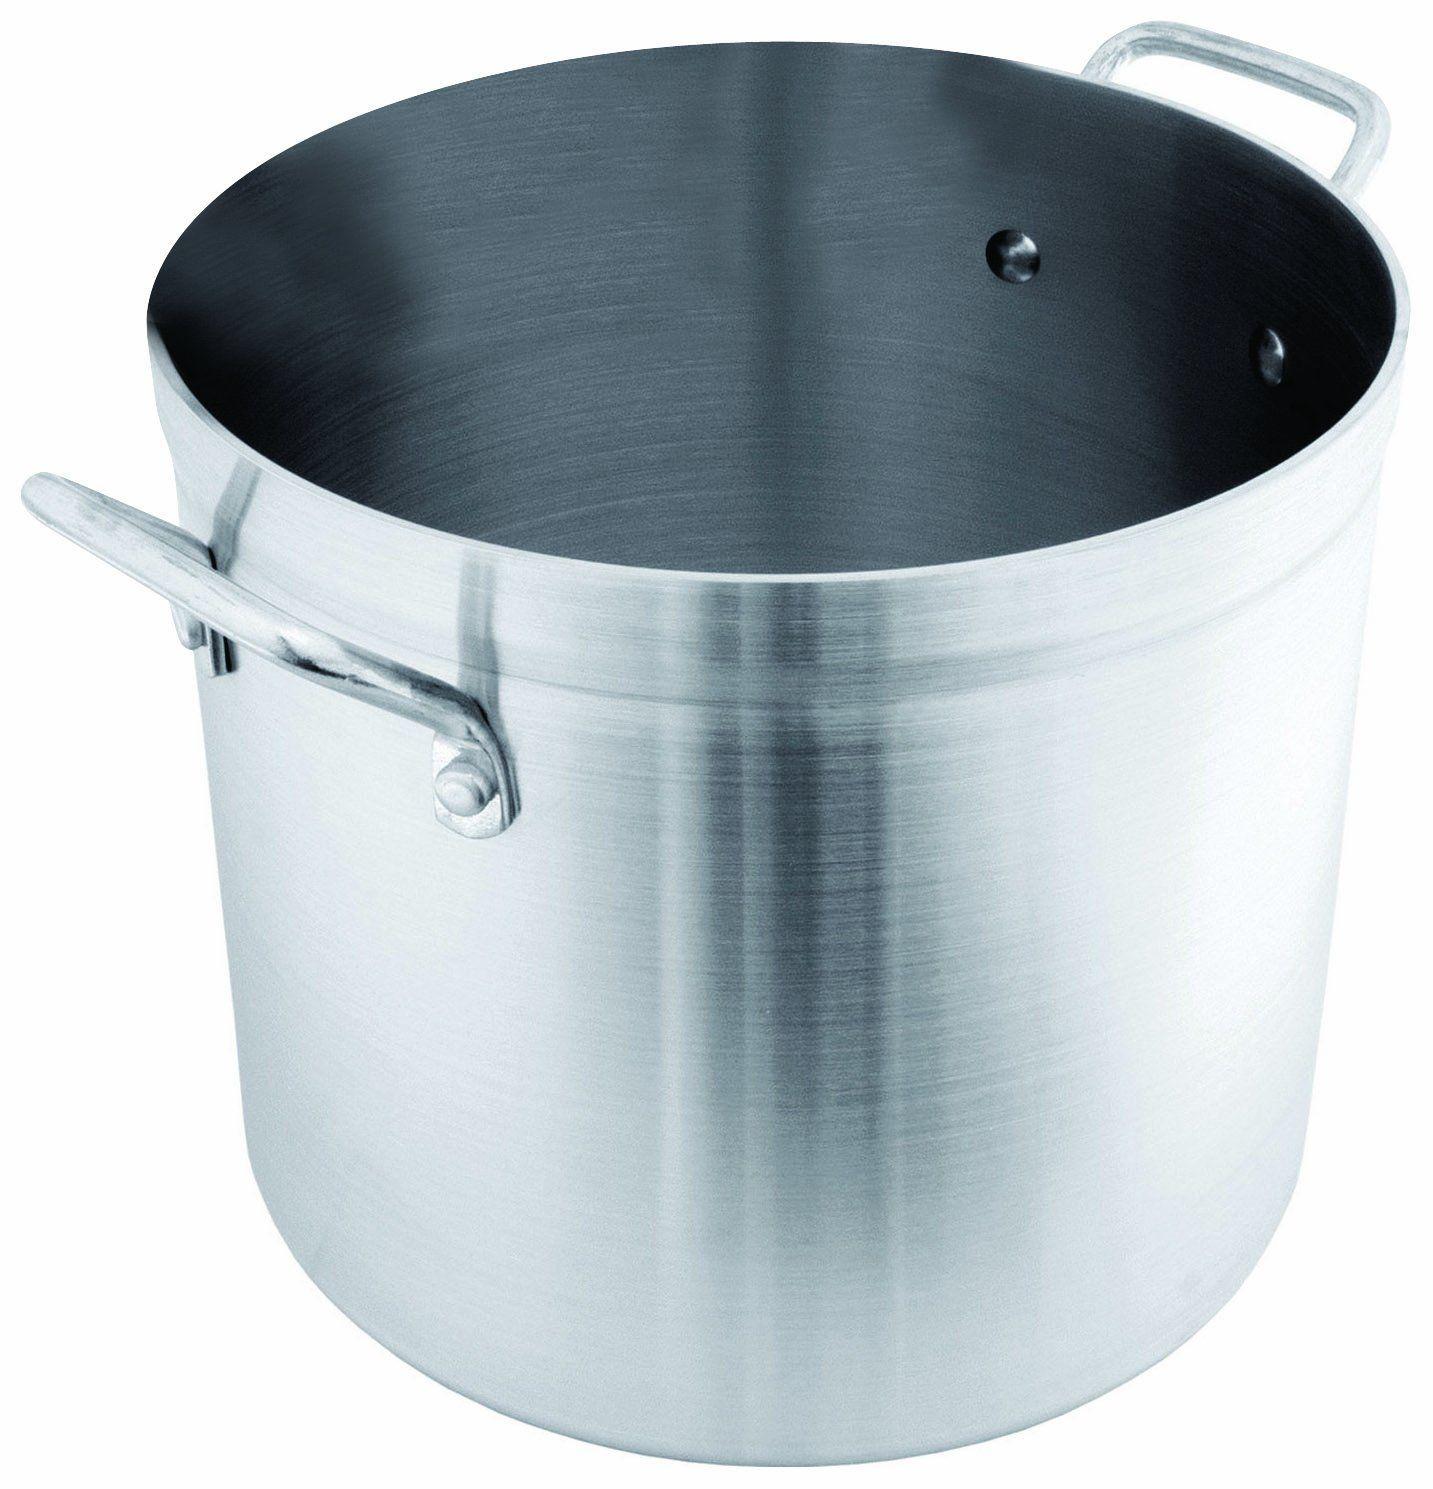 Crestware 16quart aluminum stock pot you can get more